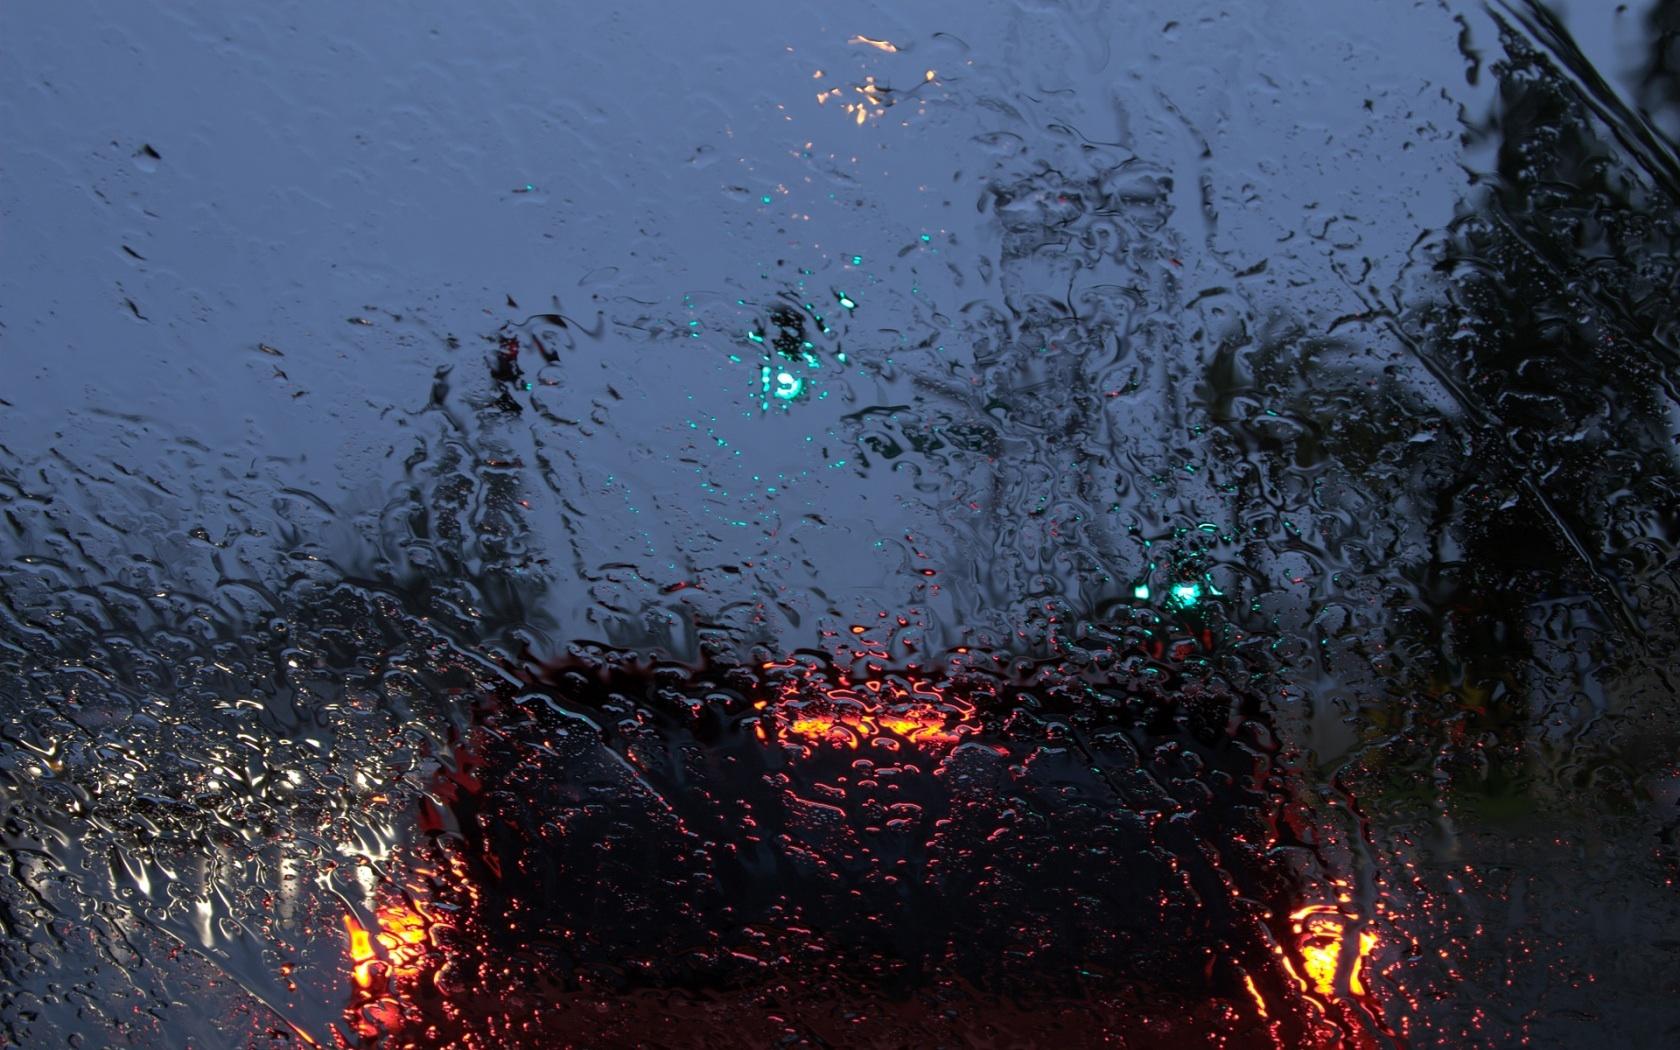 rainy day 4k wallpaper - photo #44